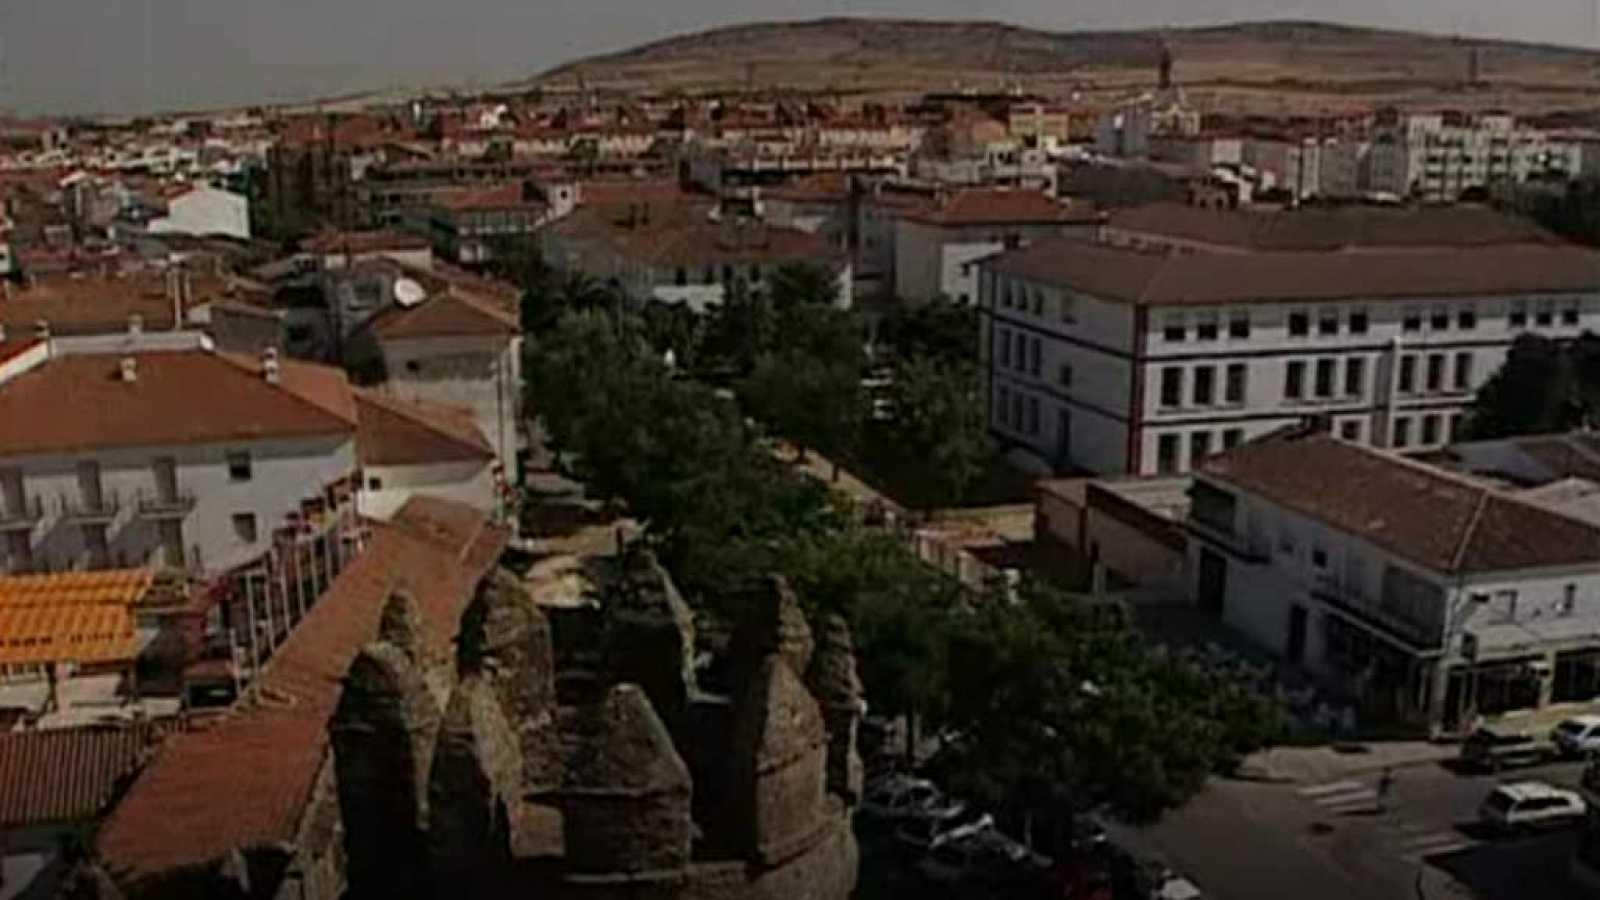 Los pueblos - Zafra